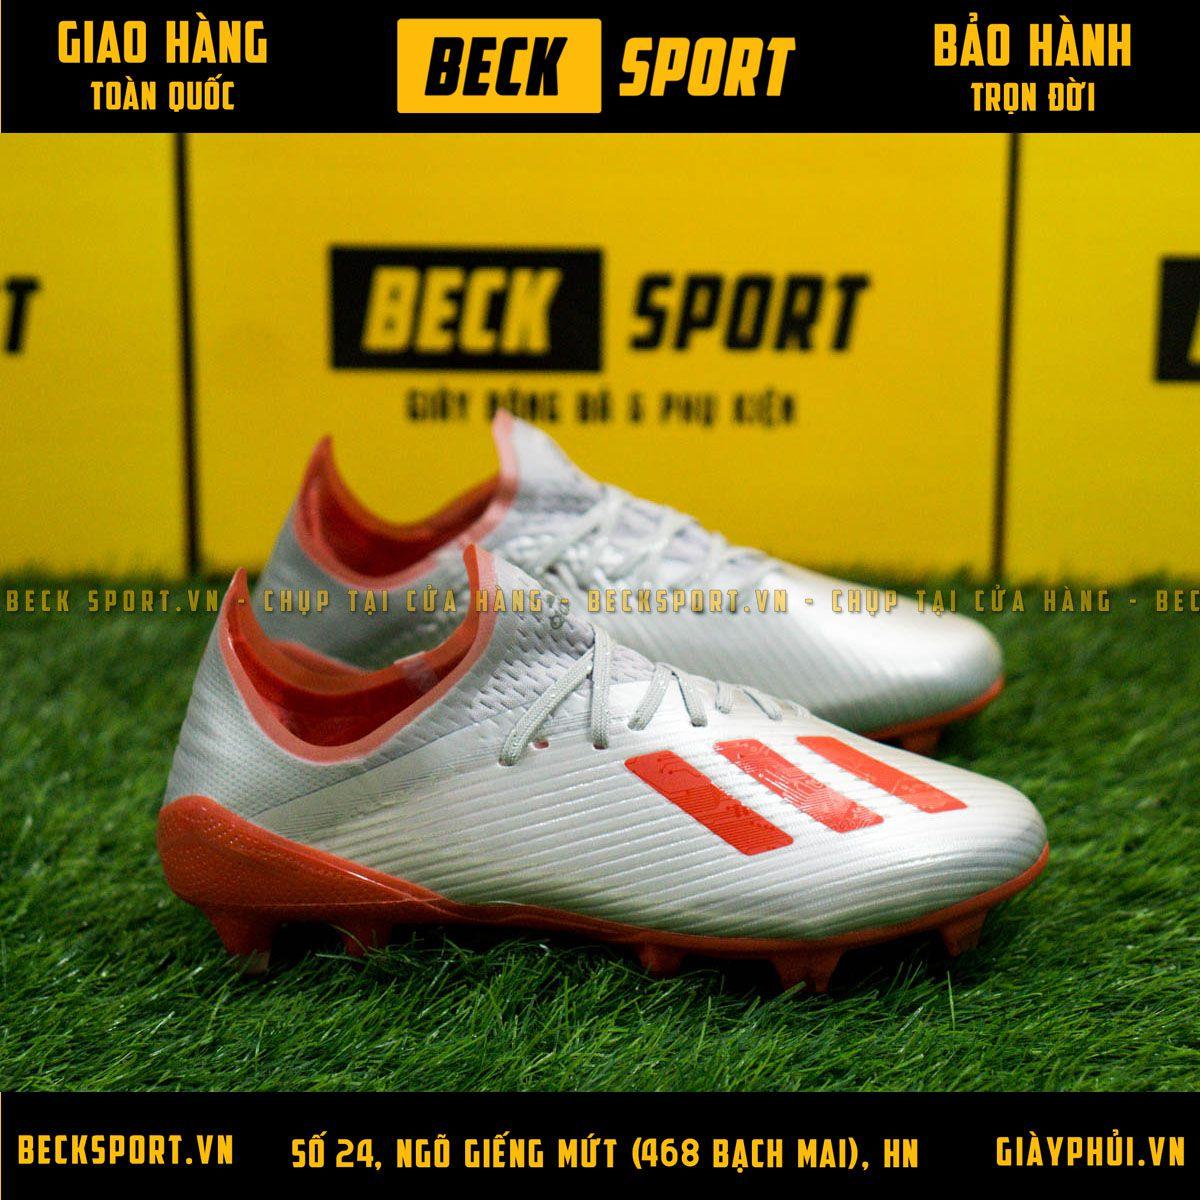 Giày Bóng Đá Adidas X 19.1 Xám Vạch Đỏ Đế Đỏ FG